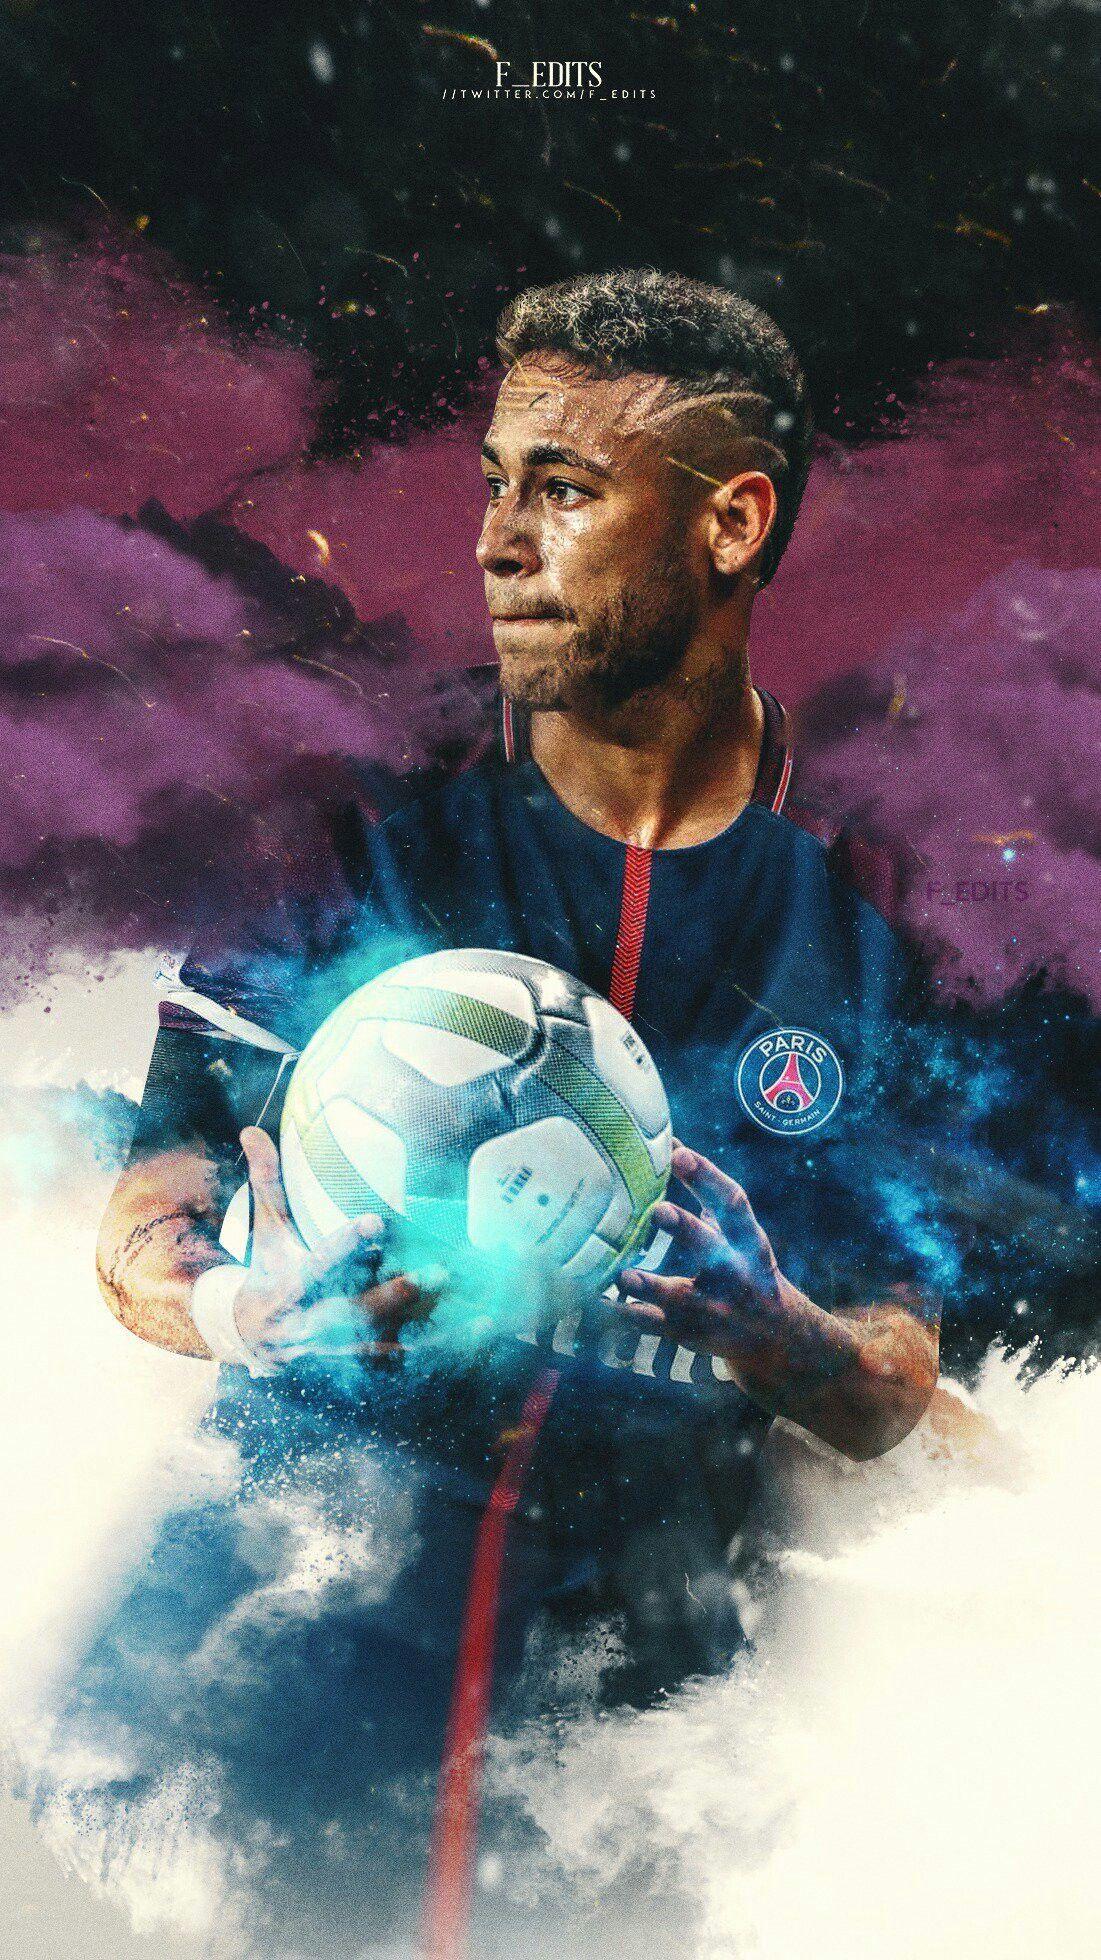 Descargar fondos de pantalla neymar jr 4k el psg el for Fondos de pantalla de futbol para celular